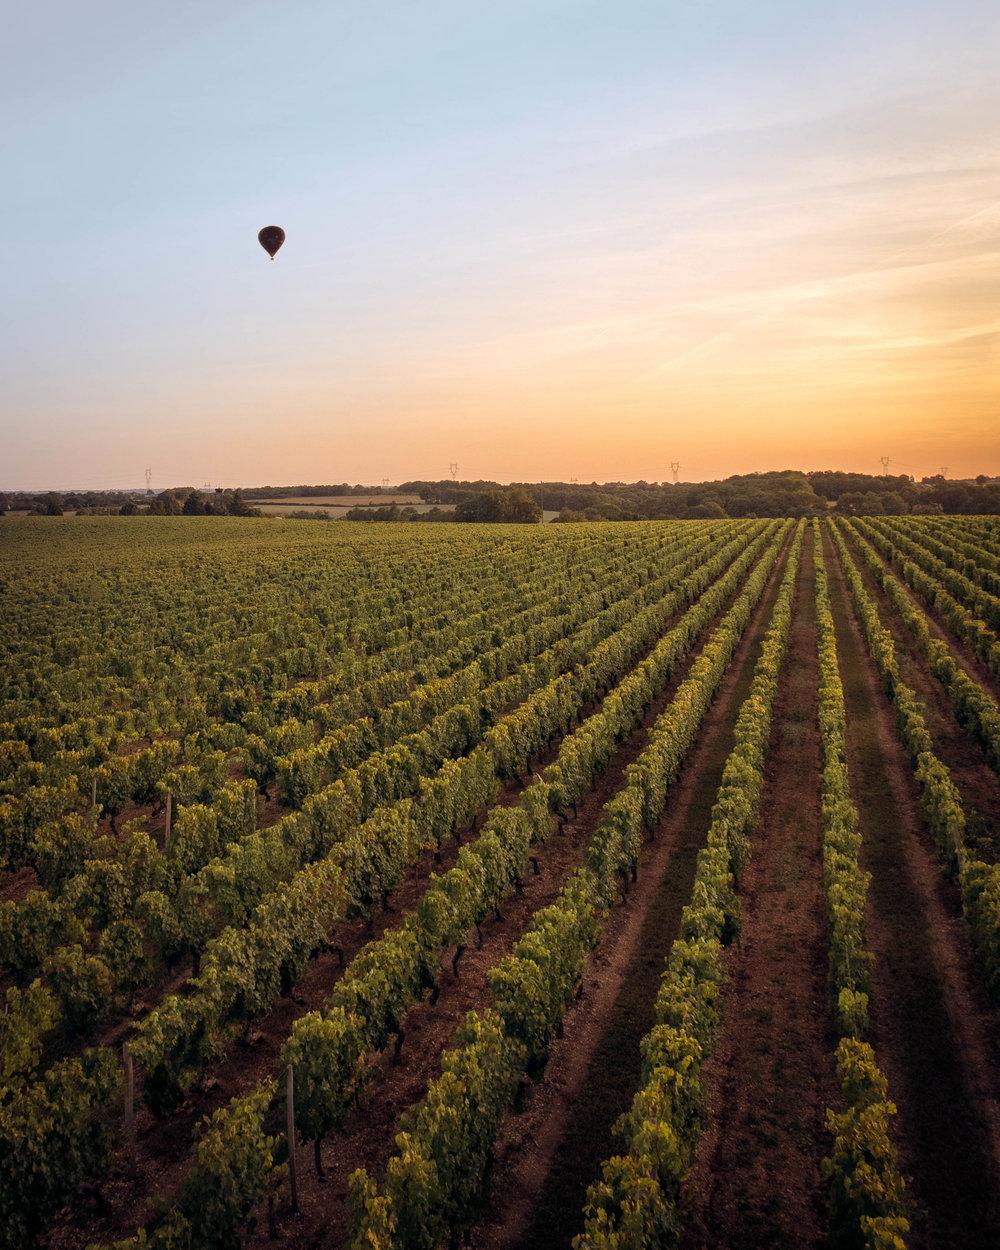 Loire Valley - Hot Air Balloon Ride